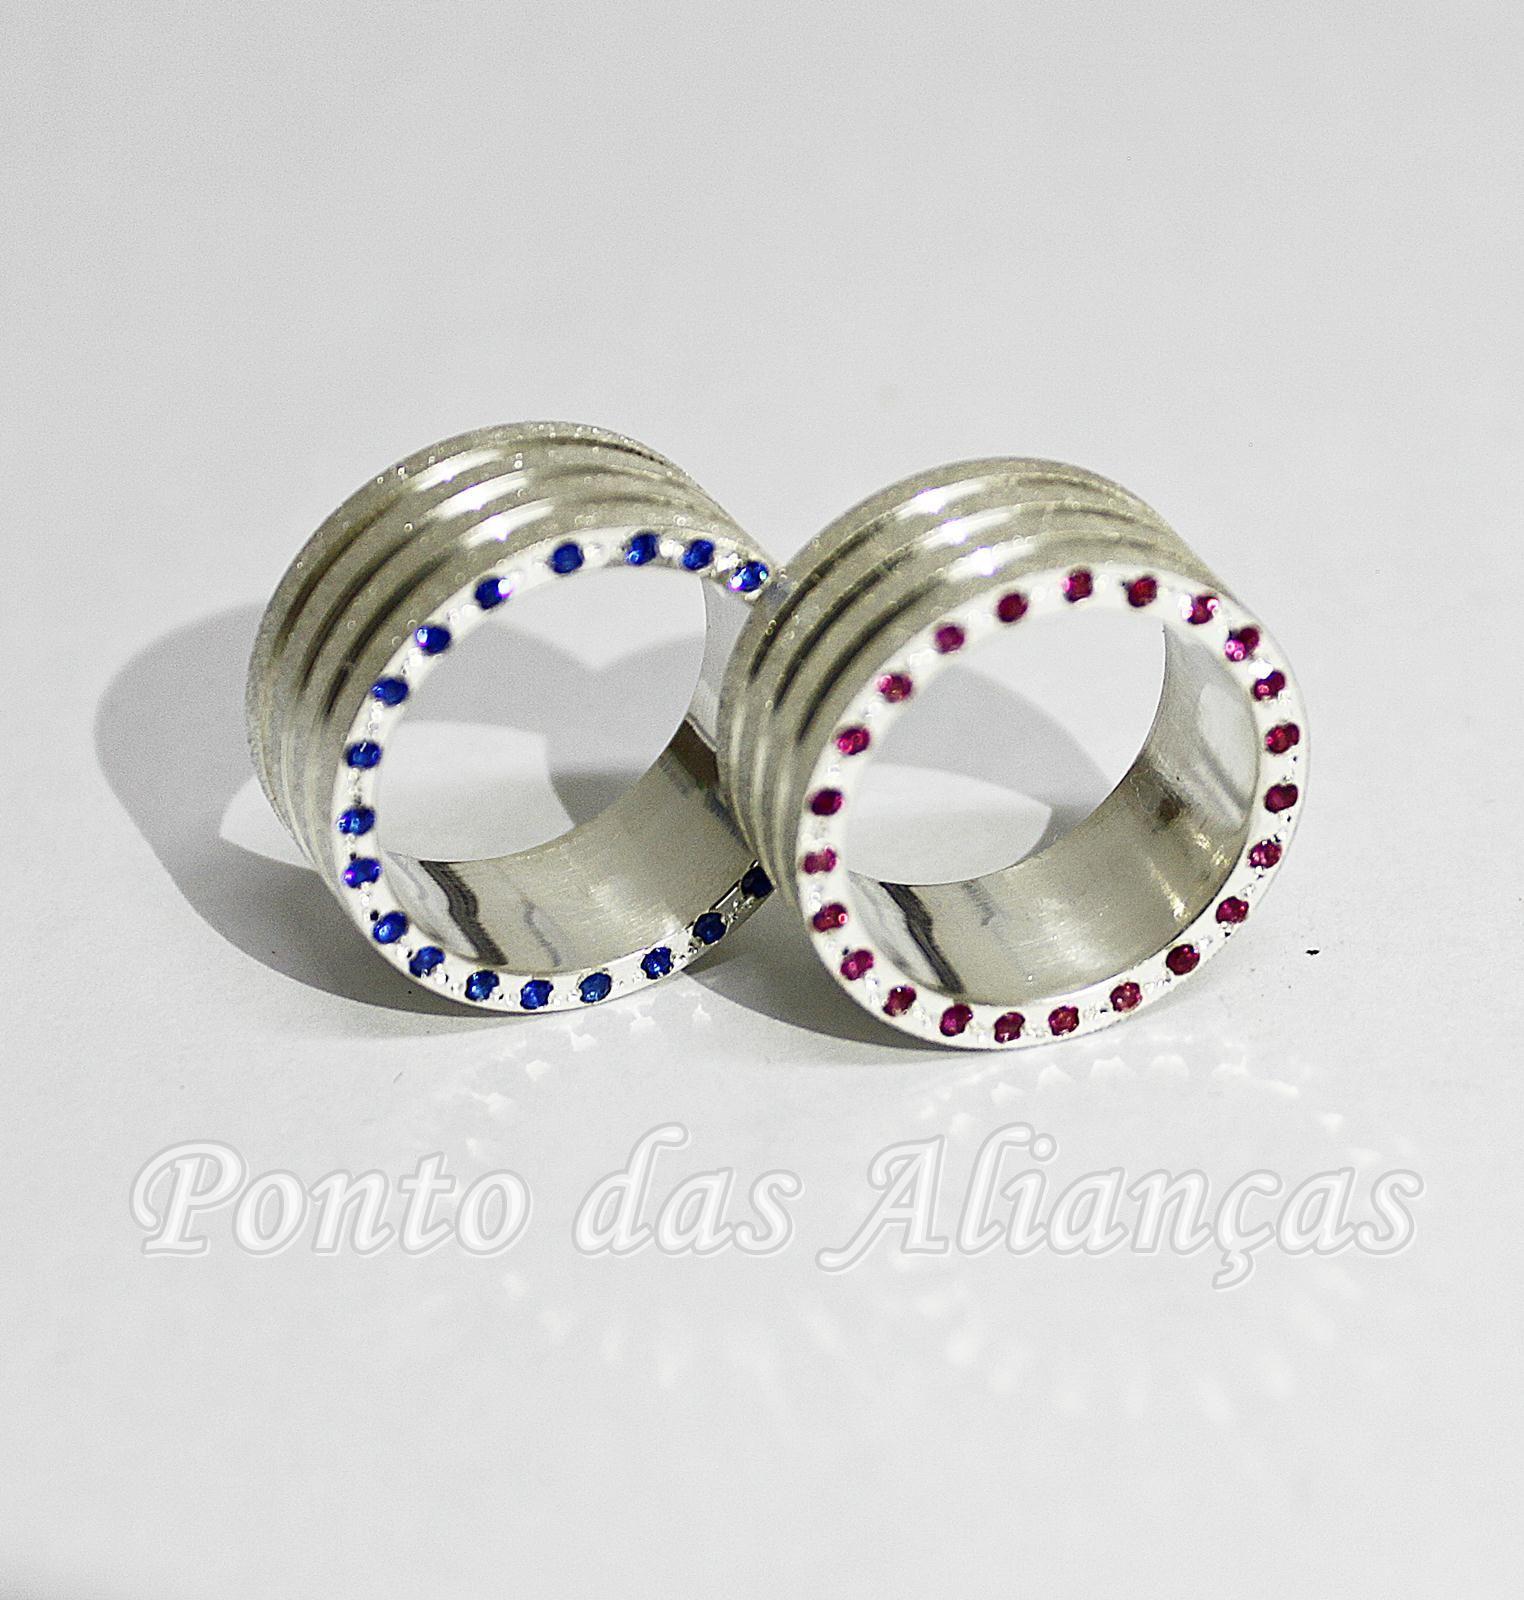 Alianças de Prata Compromisso - 3106